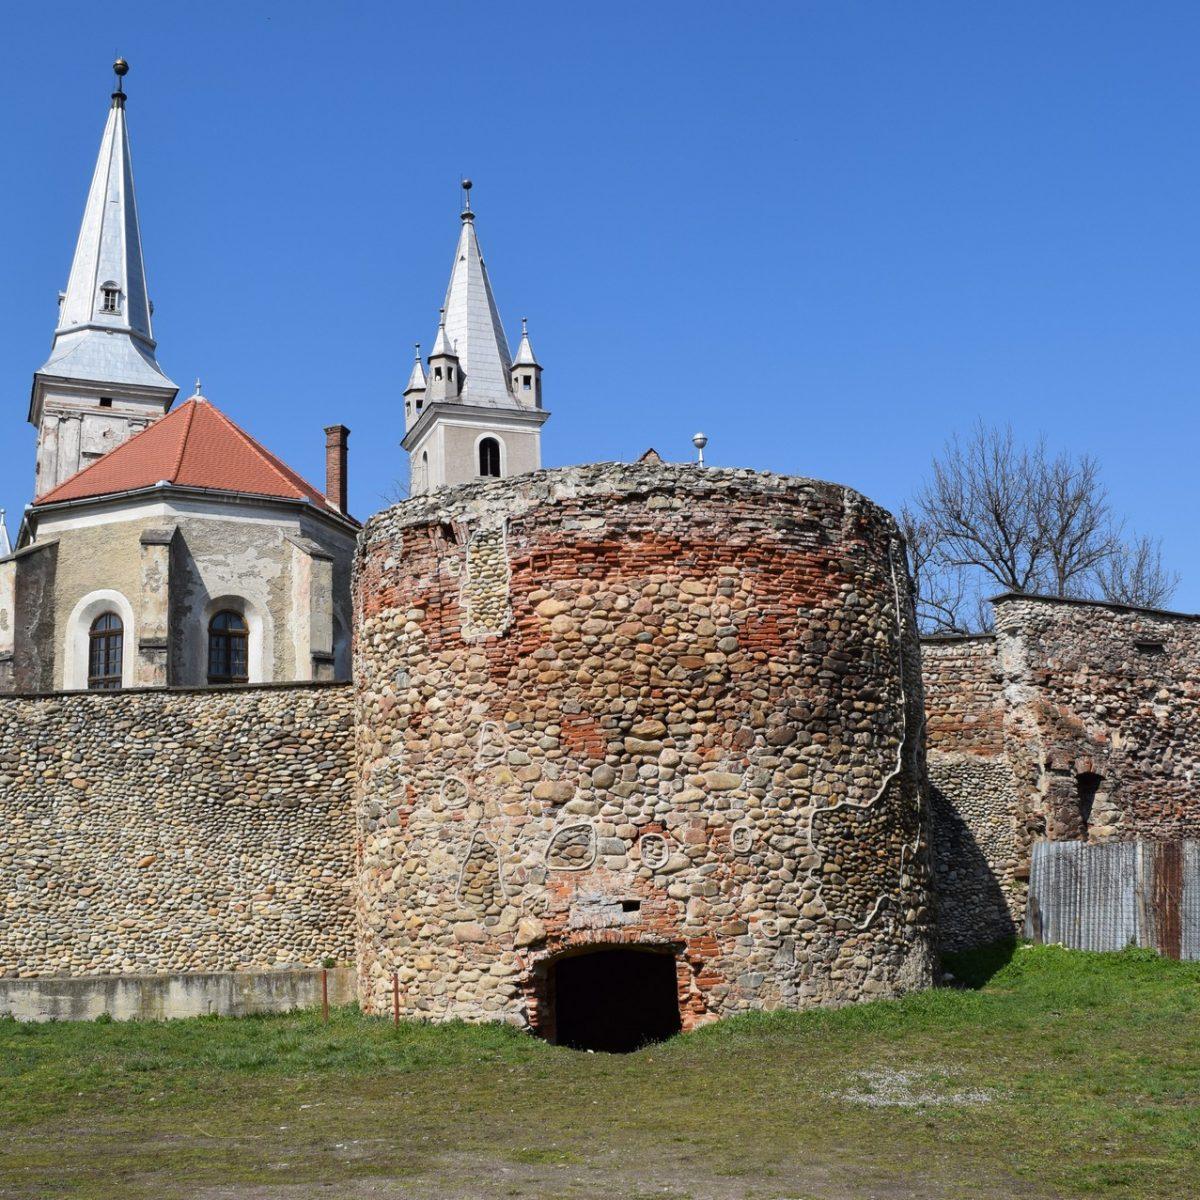 Voyage en Roumanie : Eglises fortifiees de Orastie